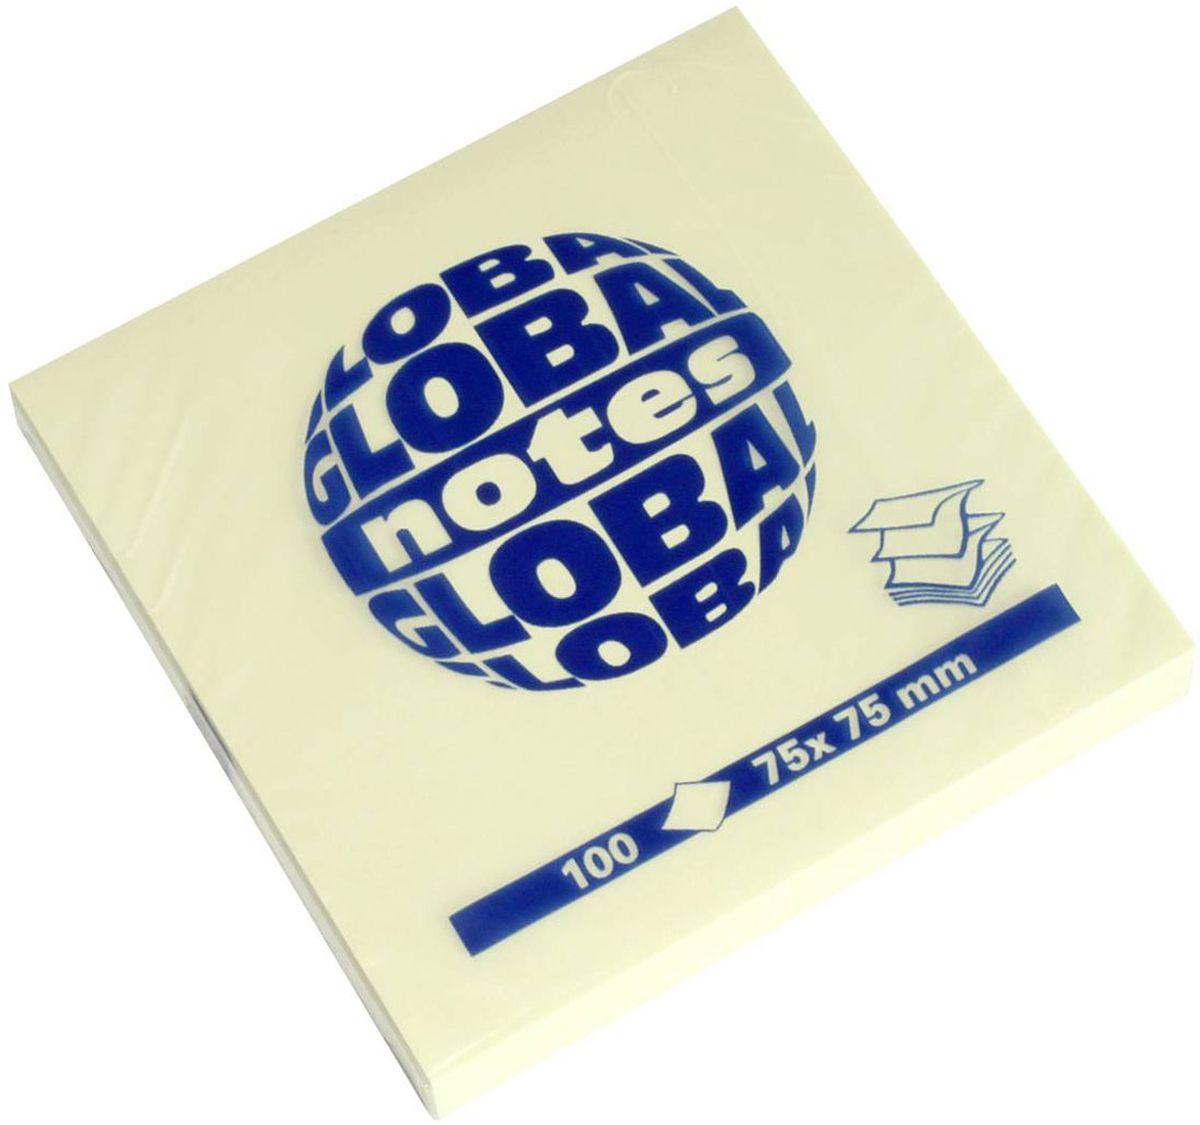 Global Notes Бумага для заметок с липким слоем цвет желтый 100 листов0703415Бумага для заметок с липким краем Global Notes - это удобное и практичное решение для быстрой записи информации дома или на работе.Качественная клеевая полоса рассчитана на крепление к любой поверхности, позволяет приклеивать и отклеивать листок неограниченное количество раз, не оставляя следов.